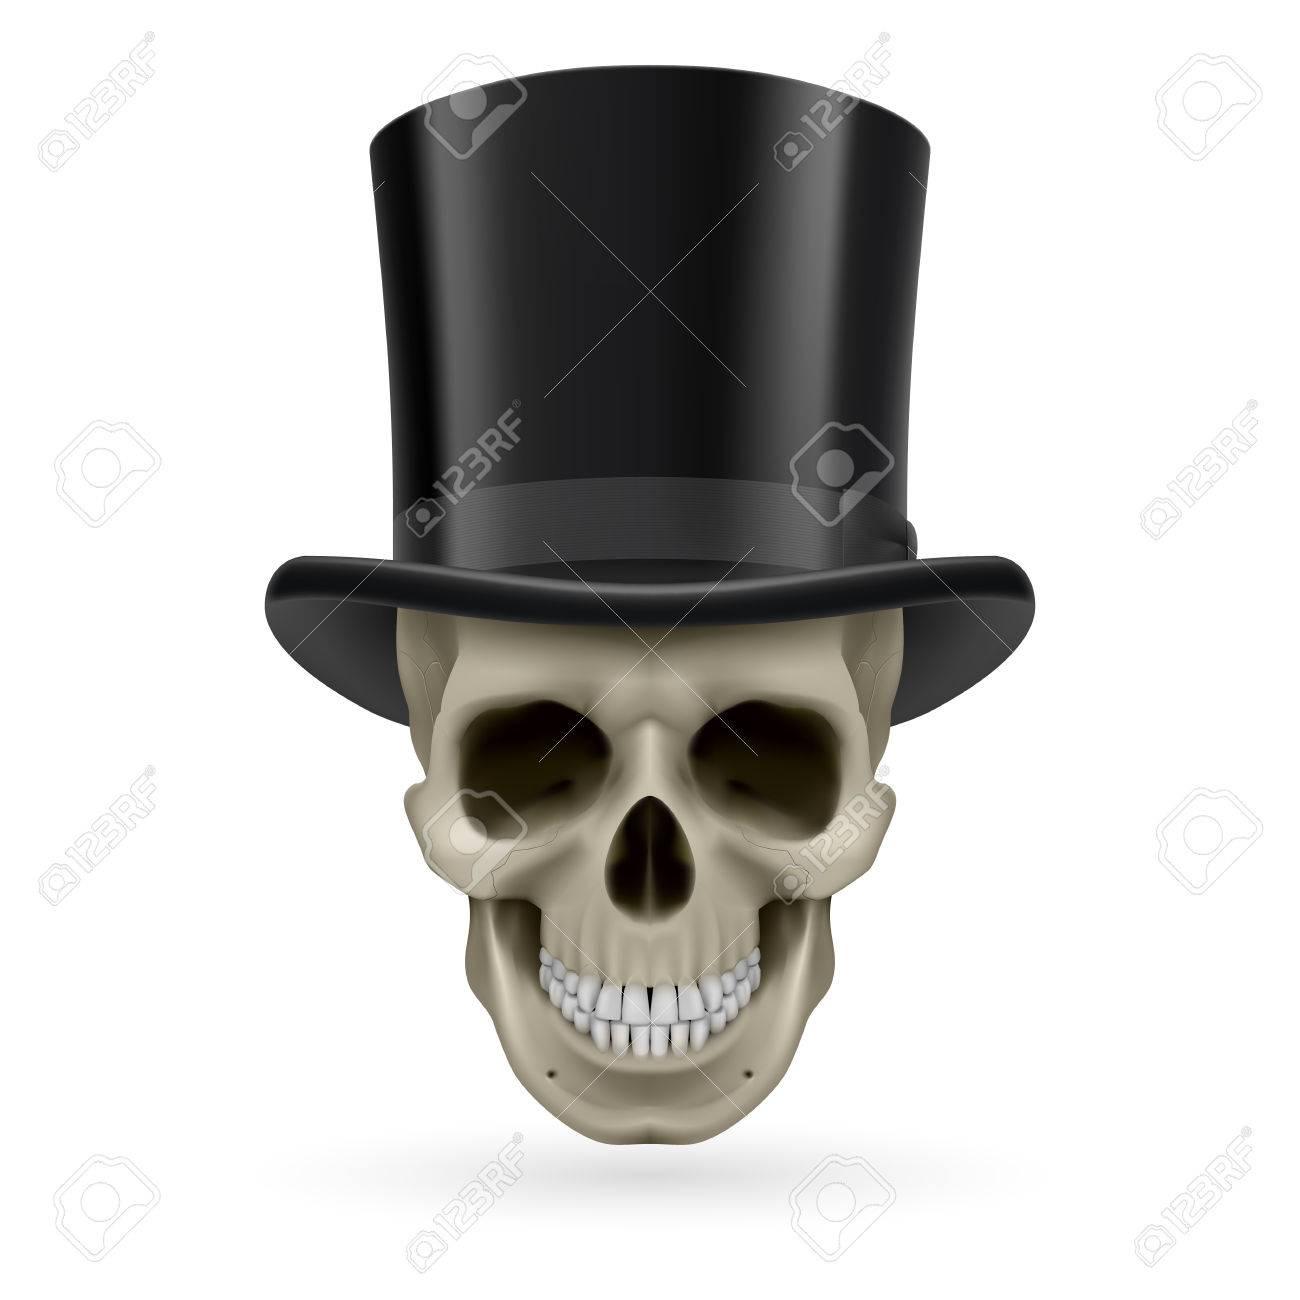 Cráneo humano con un sombrero de copa negro. Foto de archivo - 29256874 5476084adb3